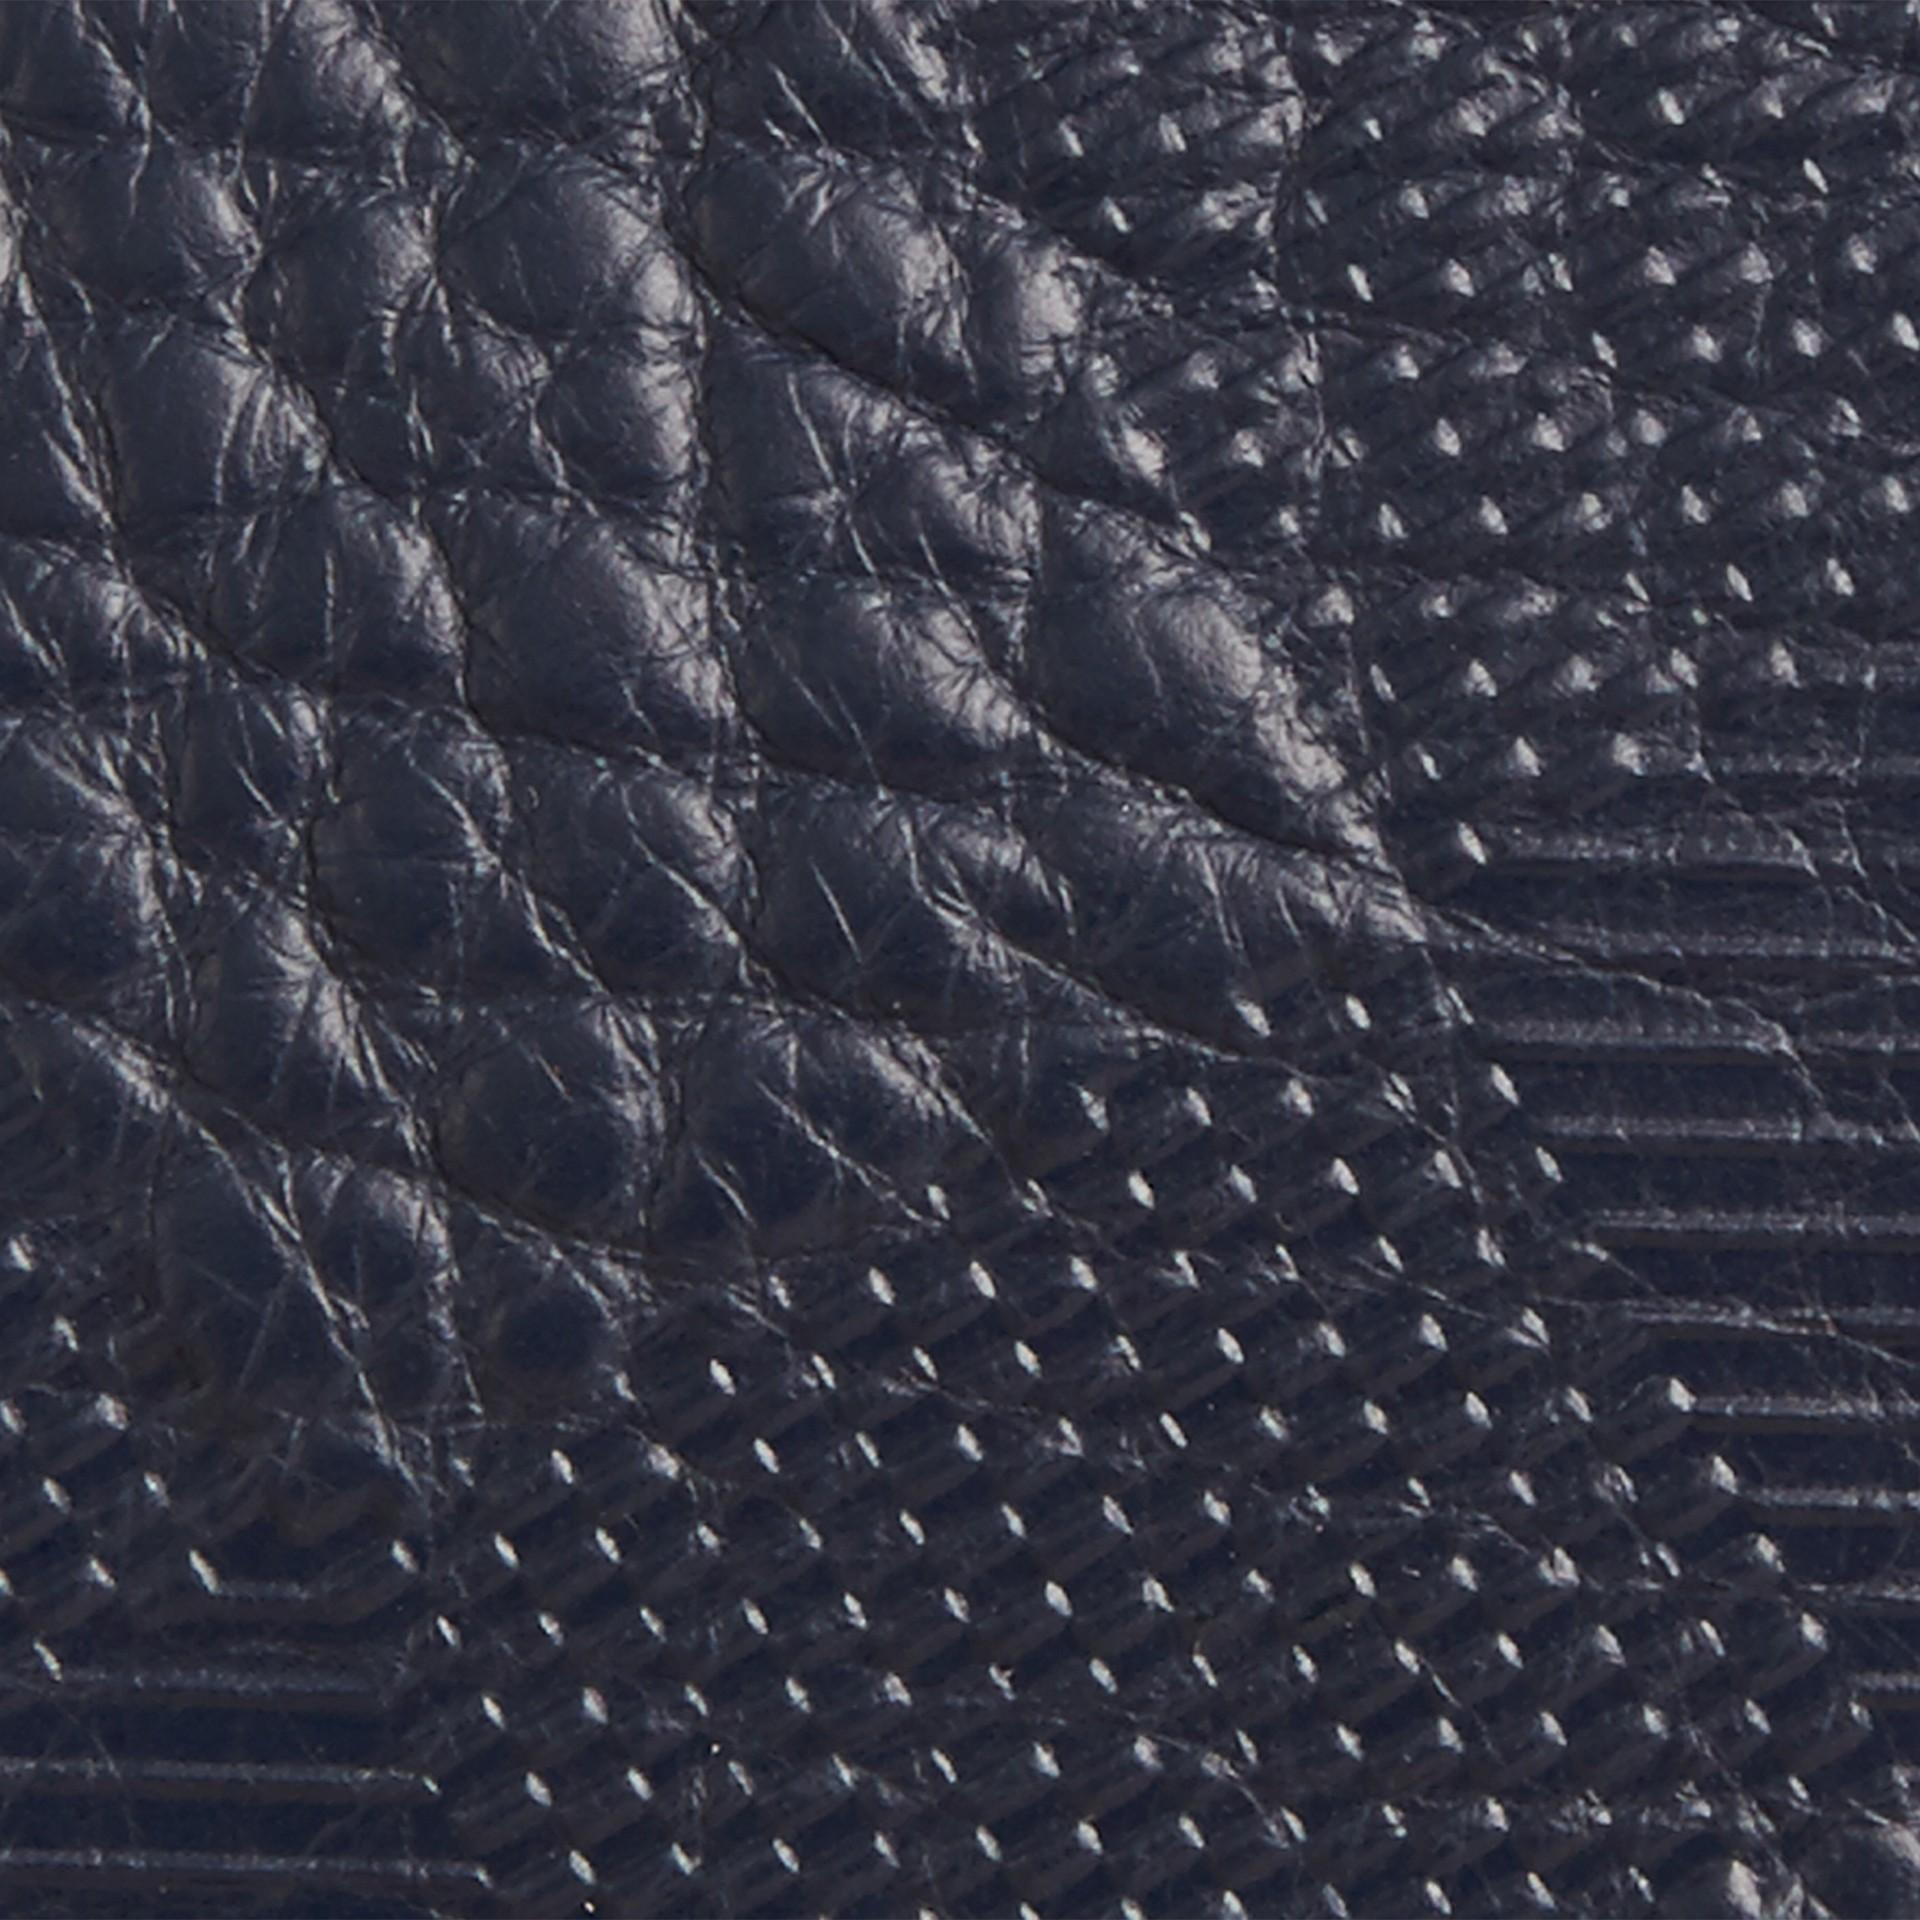 Blu carbonio Pochette in pelle con motivo check in rilievo Blu Carbonio - immagine della galleria 2